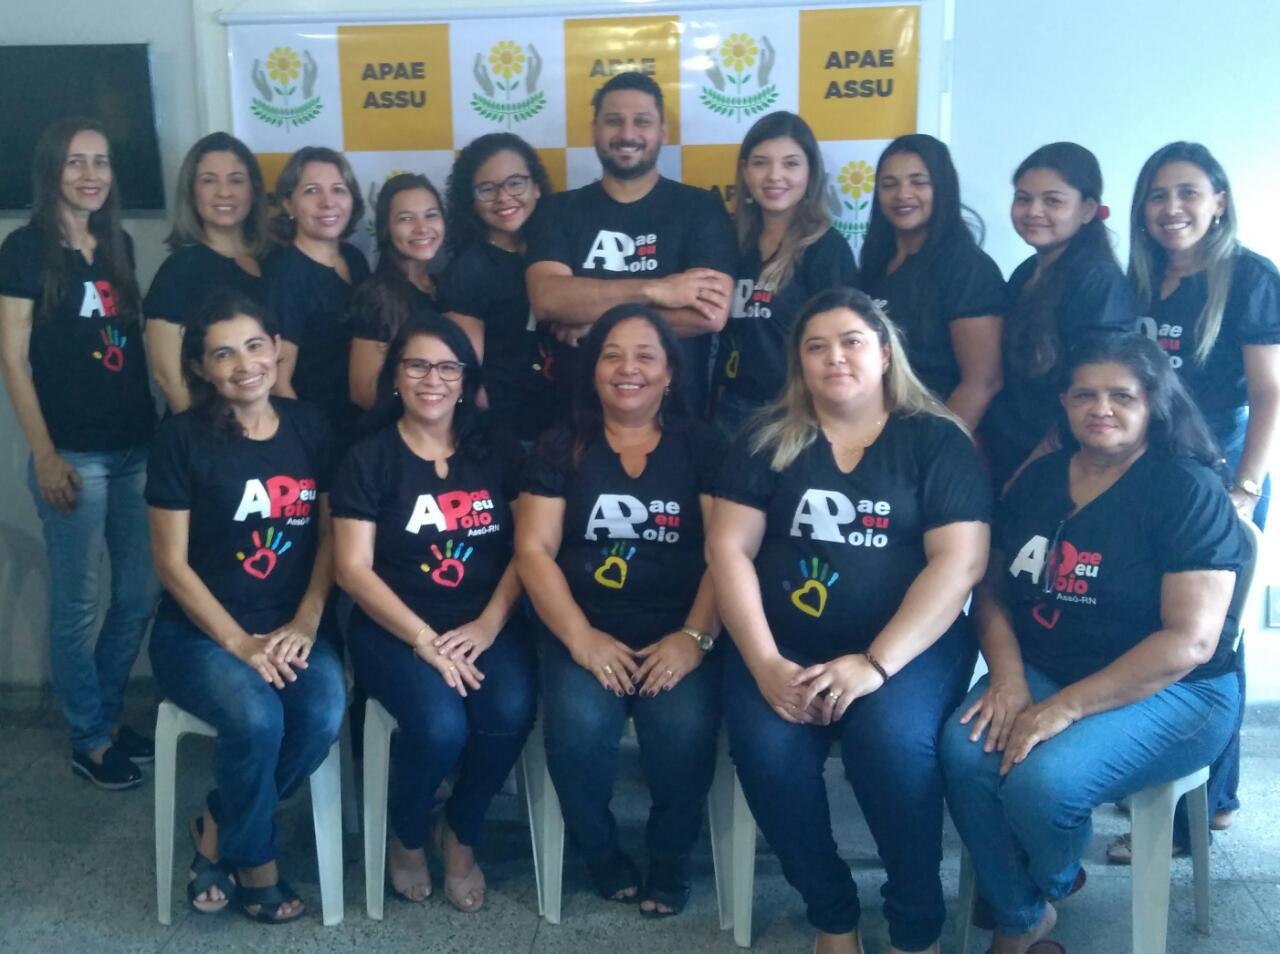 Equipe APAE Assu - Rio Grande do Norte